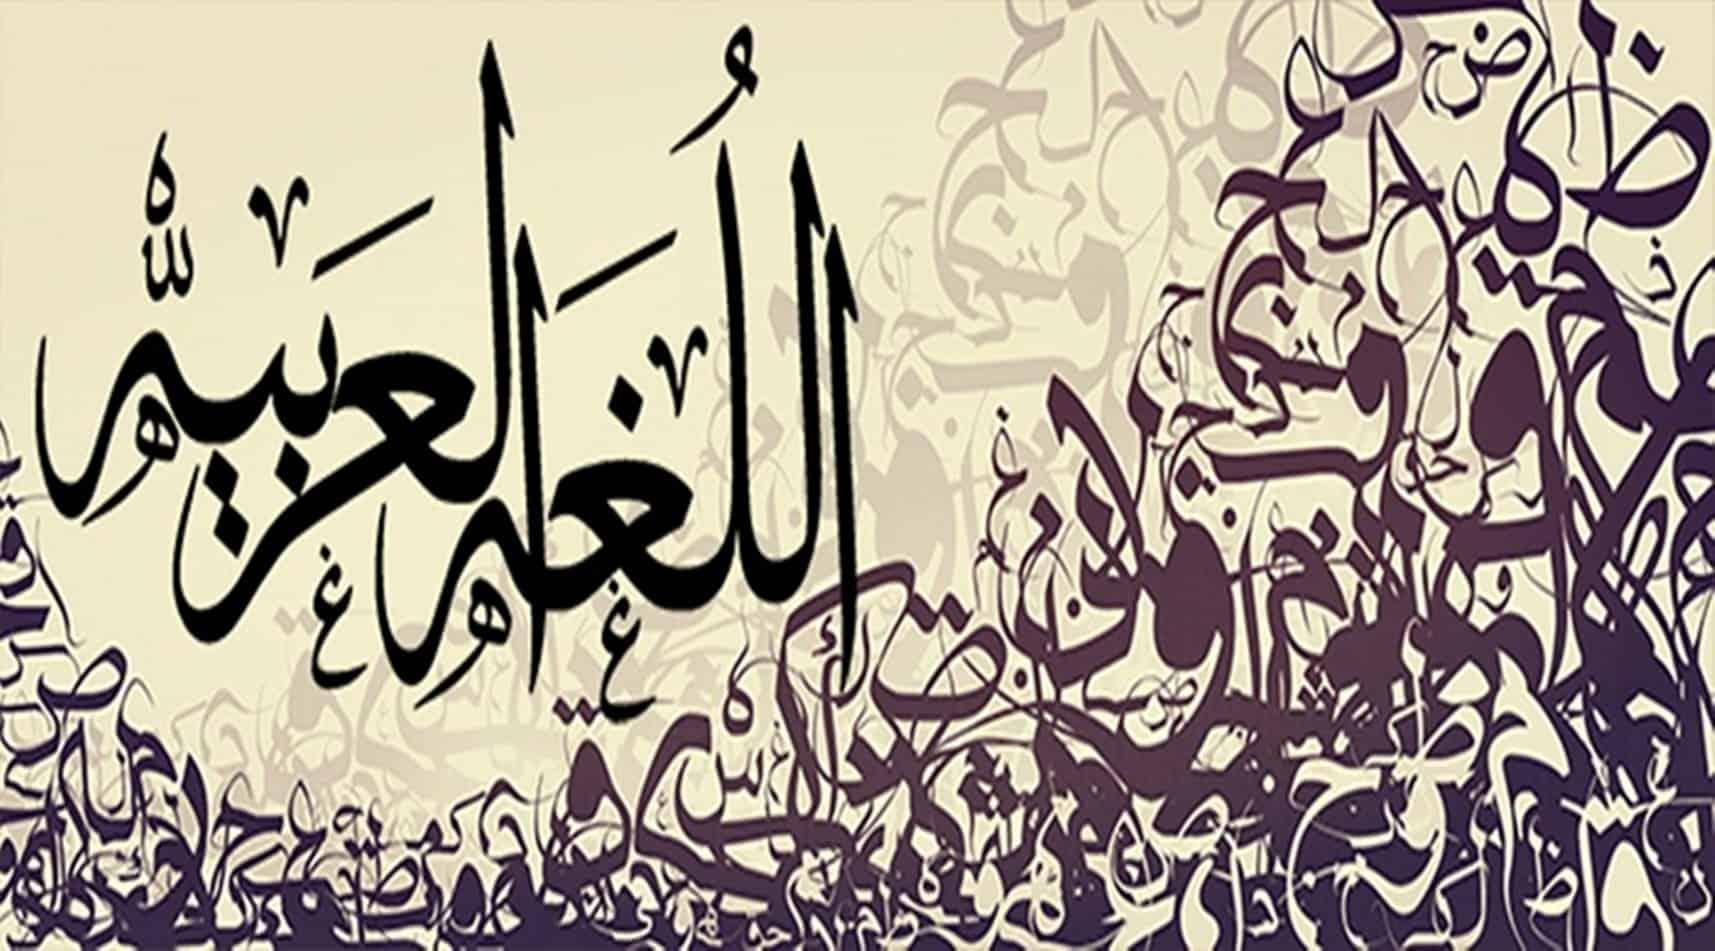 حديث شريف عن اللغة العربية